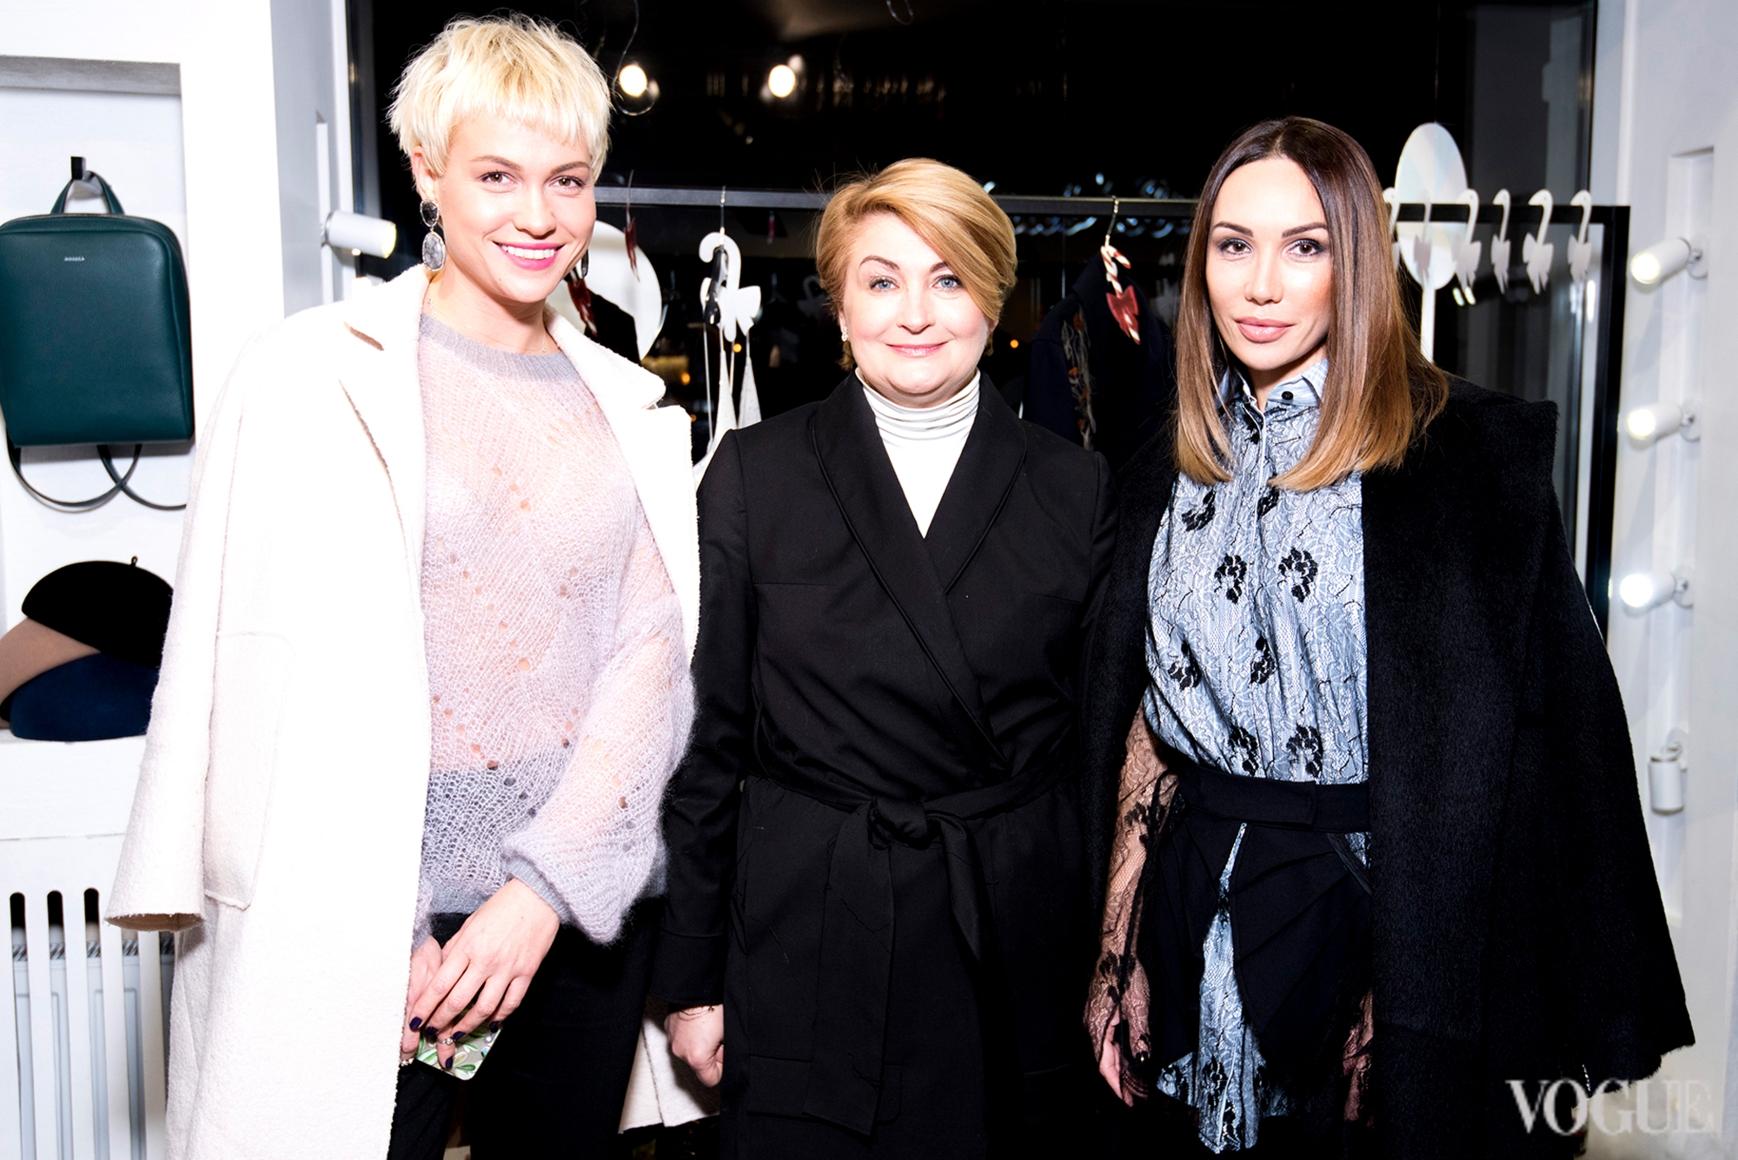 Анна Лукашевич, Ирина Данилевская и Наталья Бровди